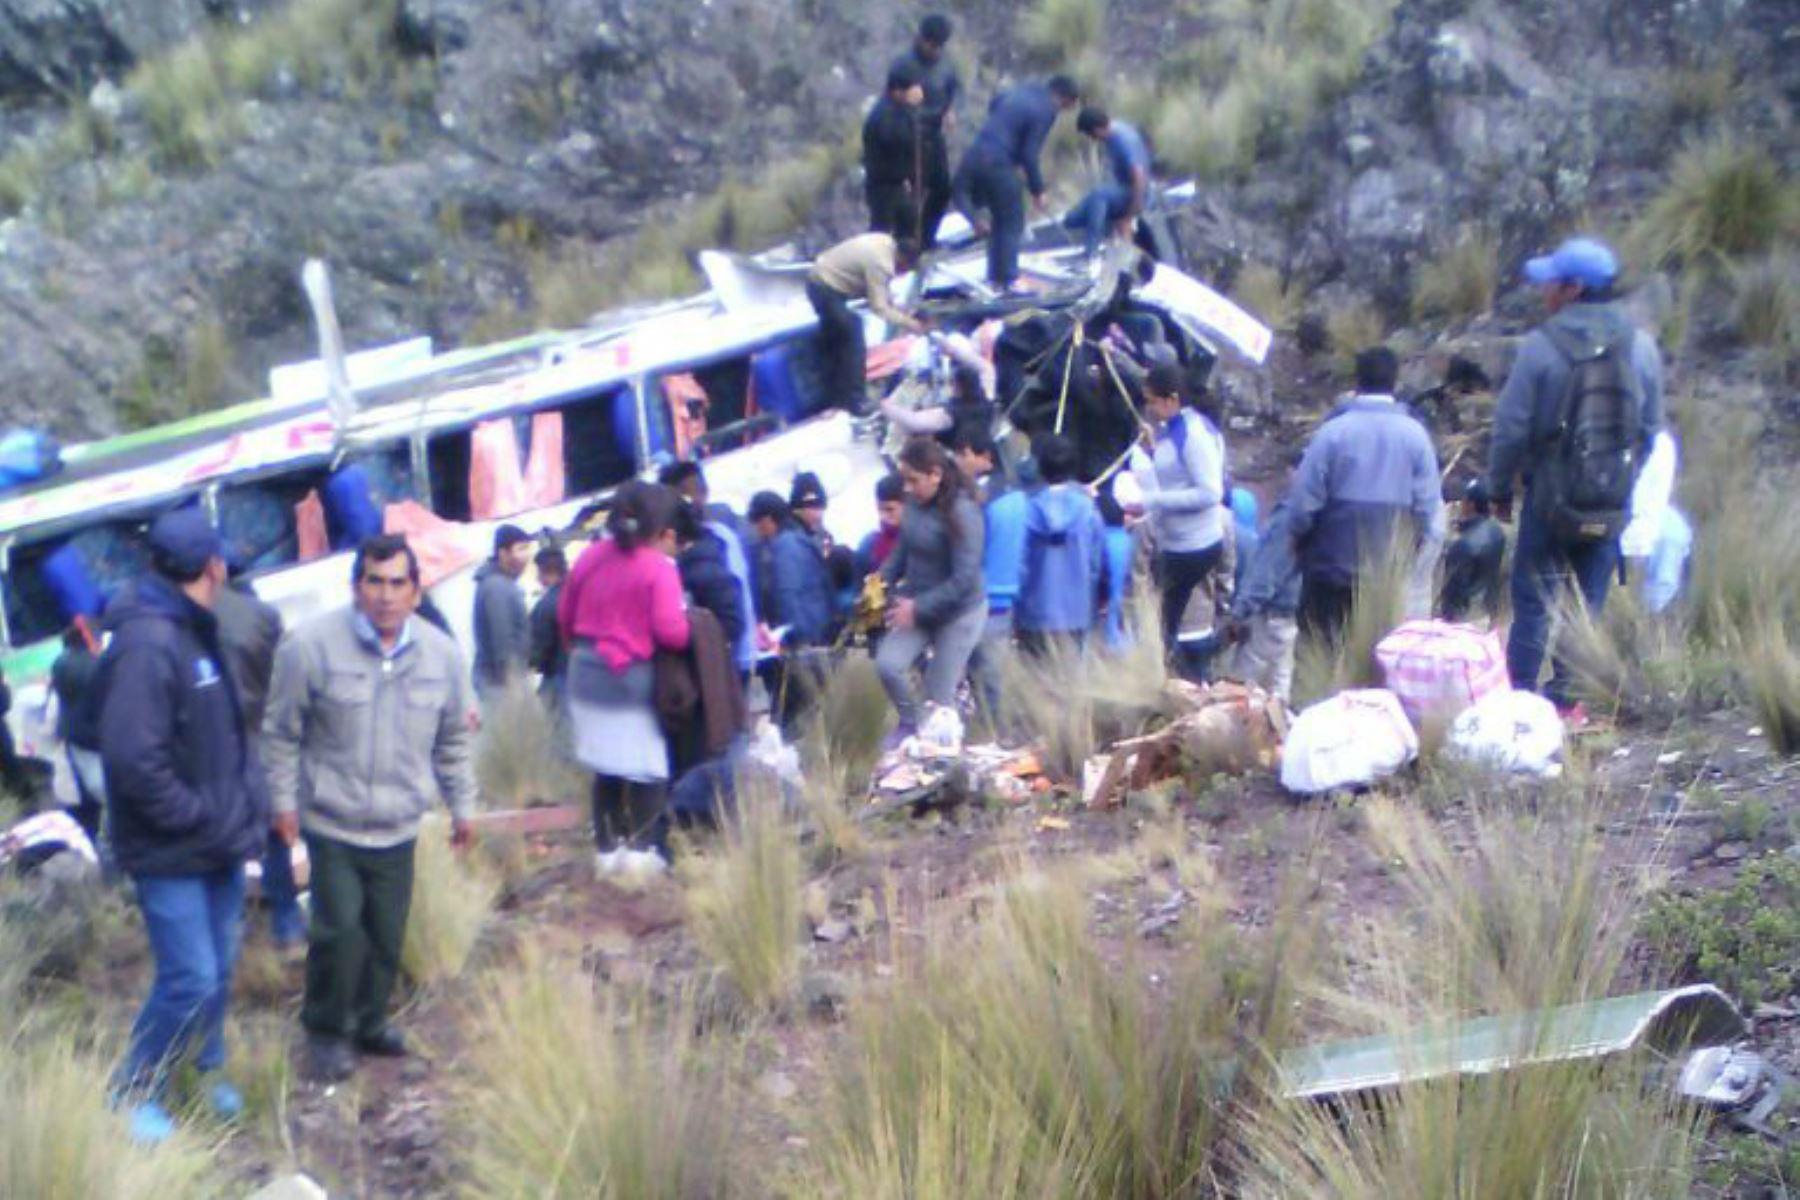 Siete muertos y varios heridos tras caída de bus a abismo — Ayacucho